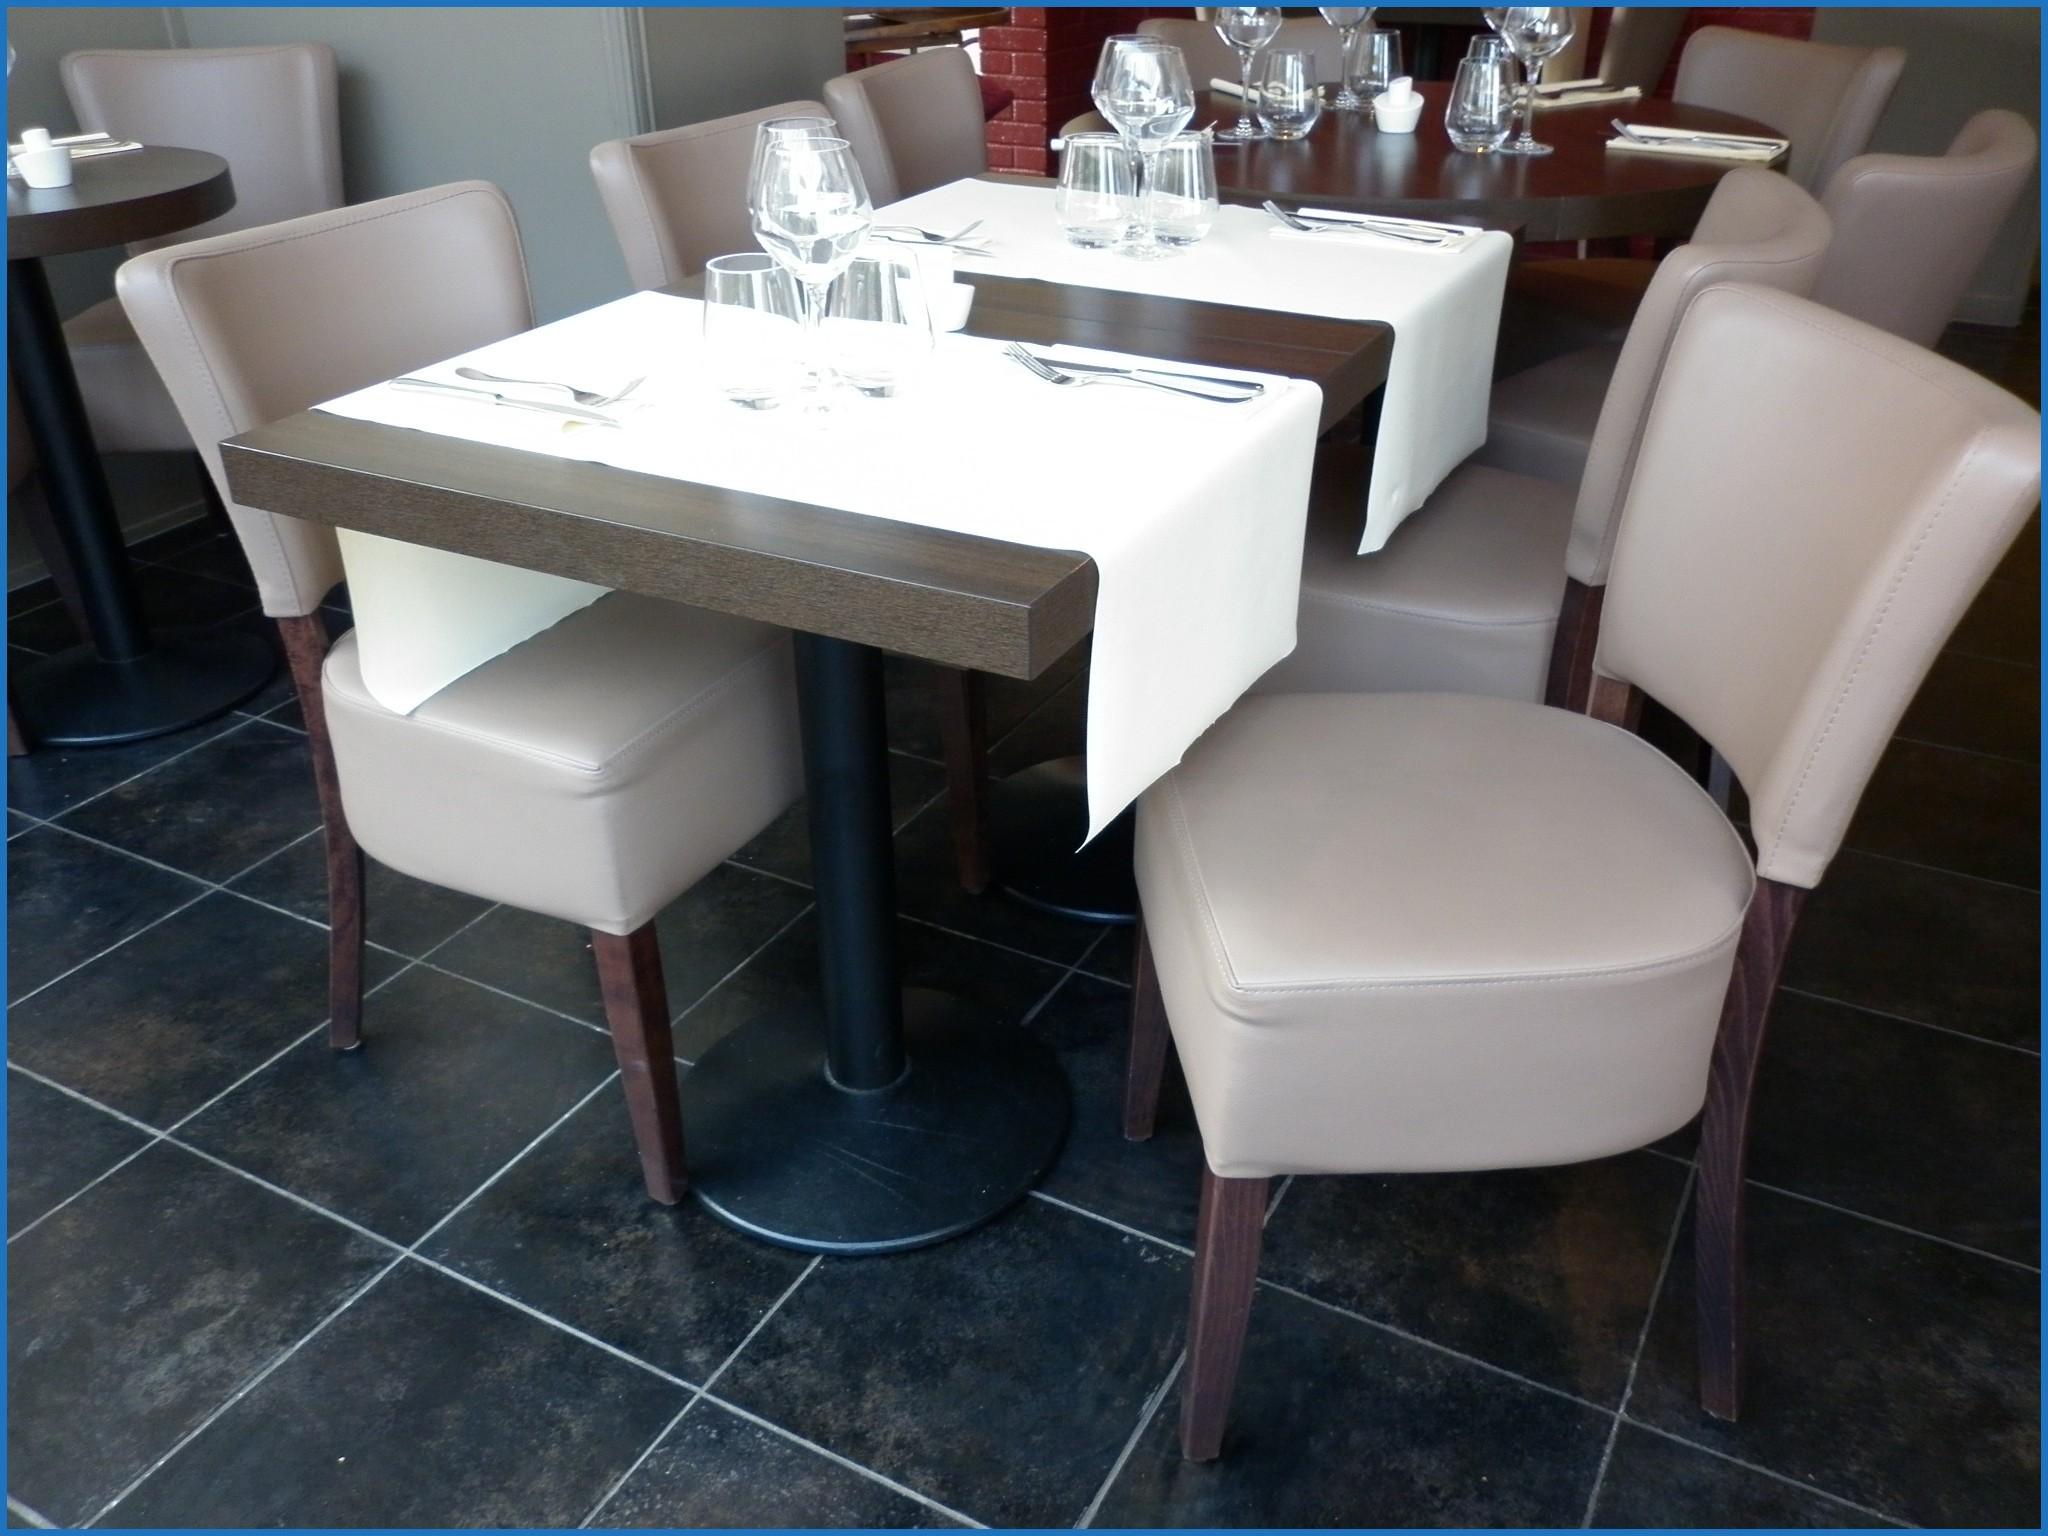 Fournisseur des quipements et mat riels pour caf glacier for Table cuisine pro